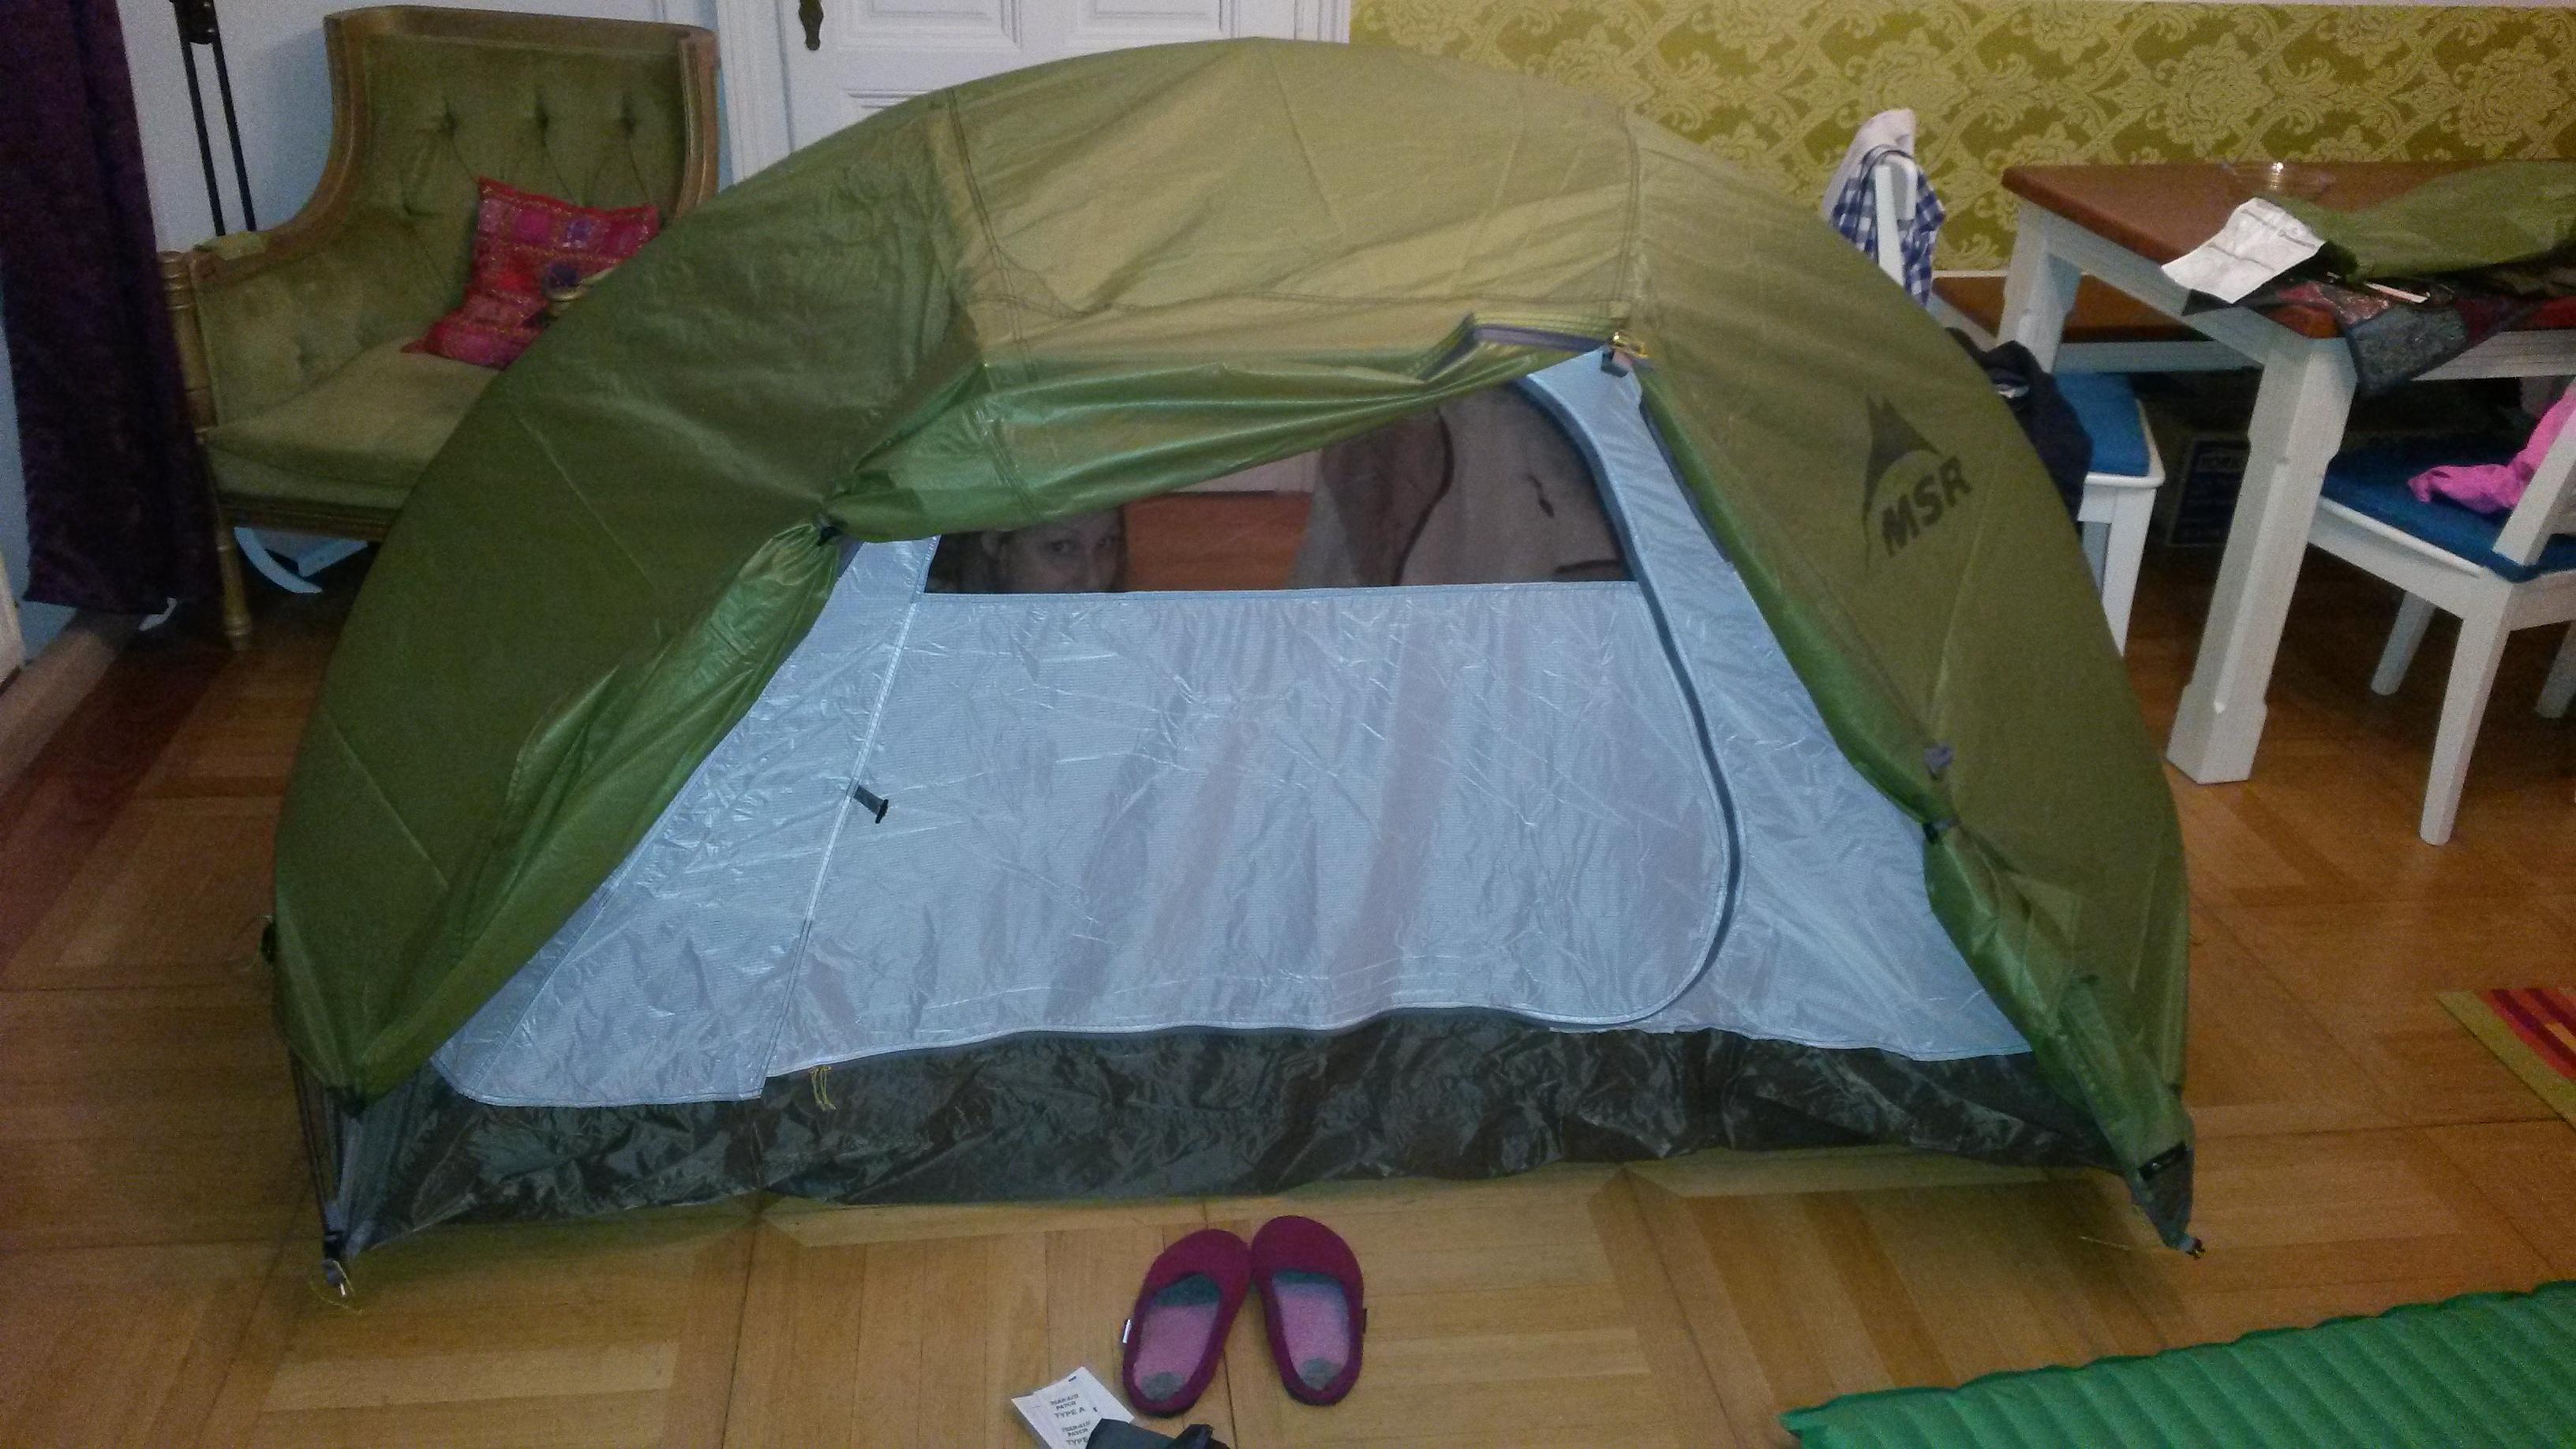 Erster Test im Wohnzimmer & Our new tent